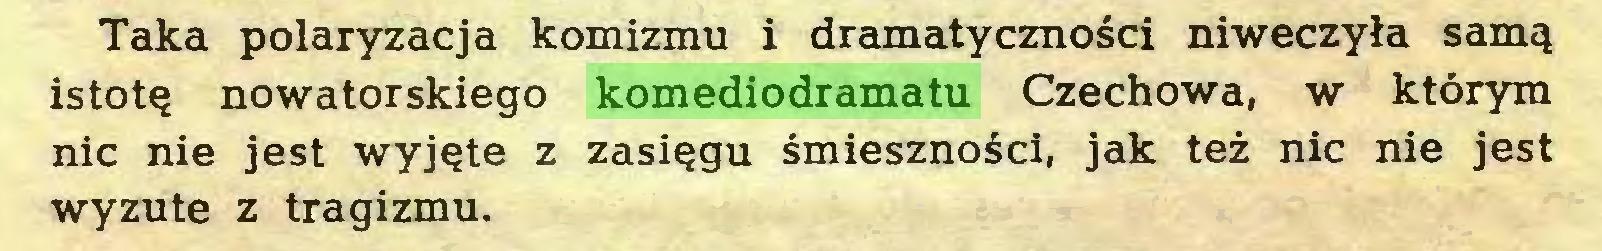 (...) Taka polaryzacja komizmu i dramatyczności niweczyła samą istotę nowatorskiego komediodramatu Czechowa, w którym nic nie jest wyjęte z zasięgu śmieszności, jak też nic nie jest wyzute z tragizmu...